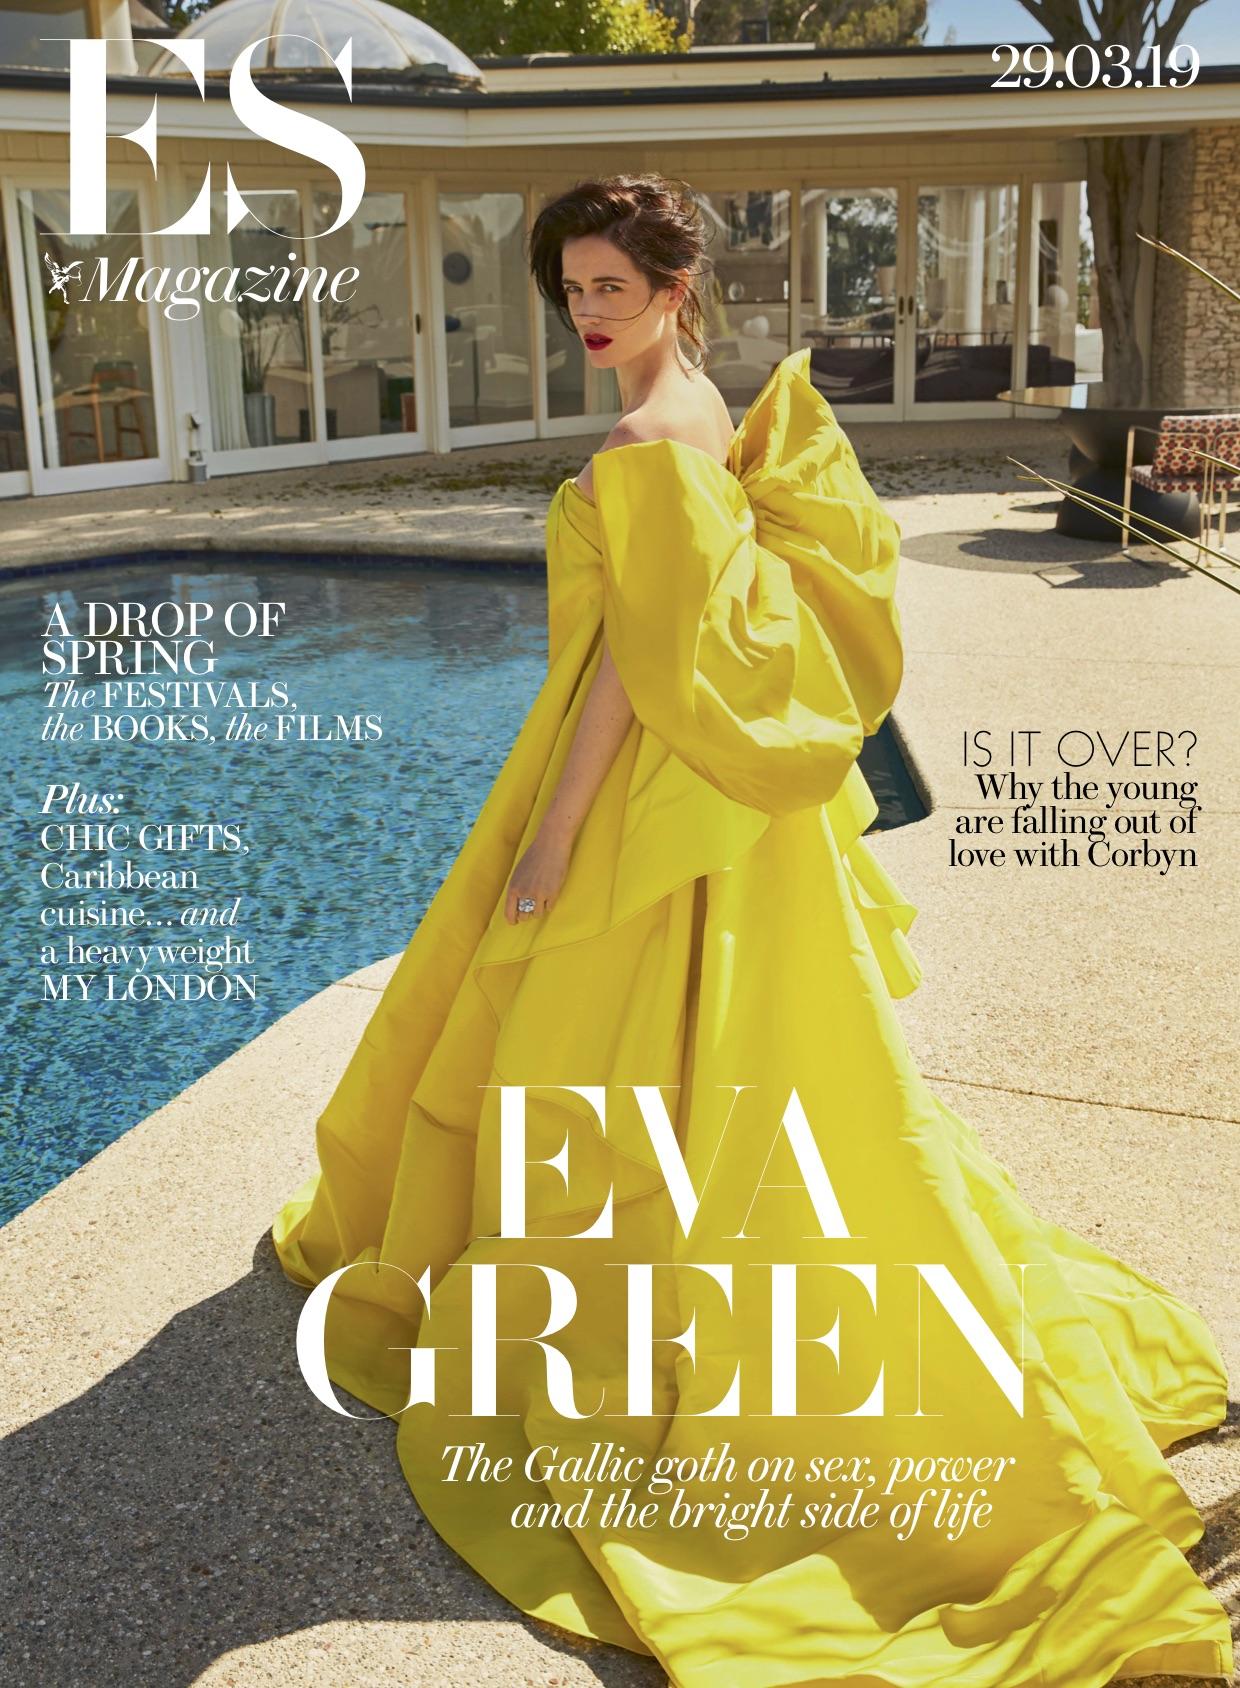 Eva Green-cópia1.jpg